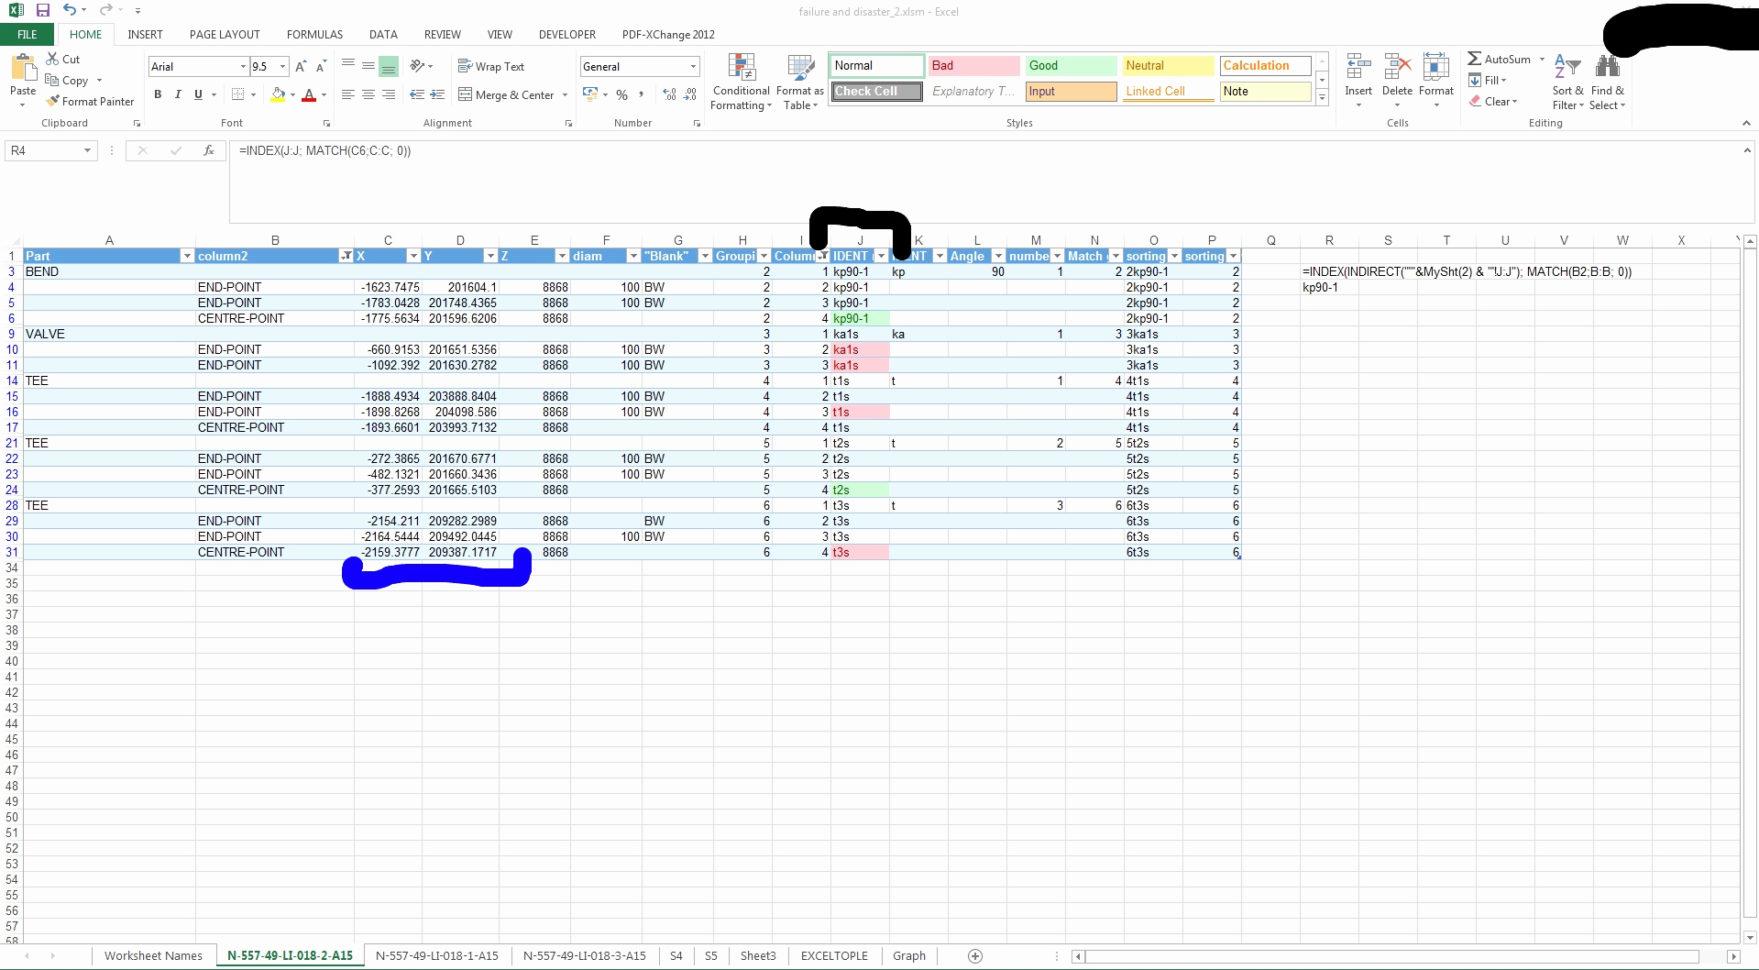 Unlock Excel 2013 Spreadsheet Without Password Best Of How To Unlock For Unlock Excel Spreadsheet